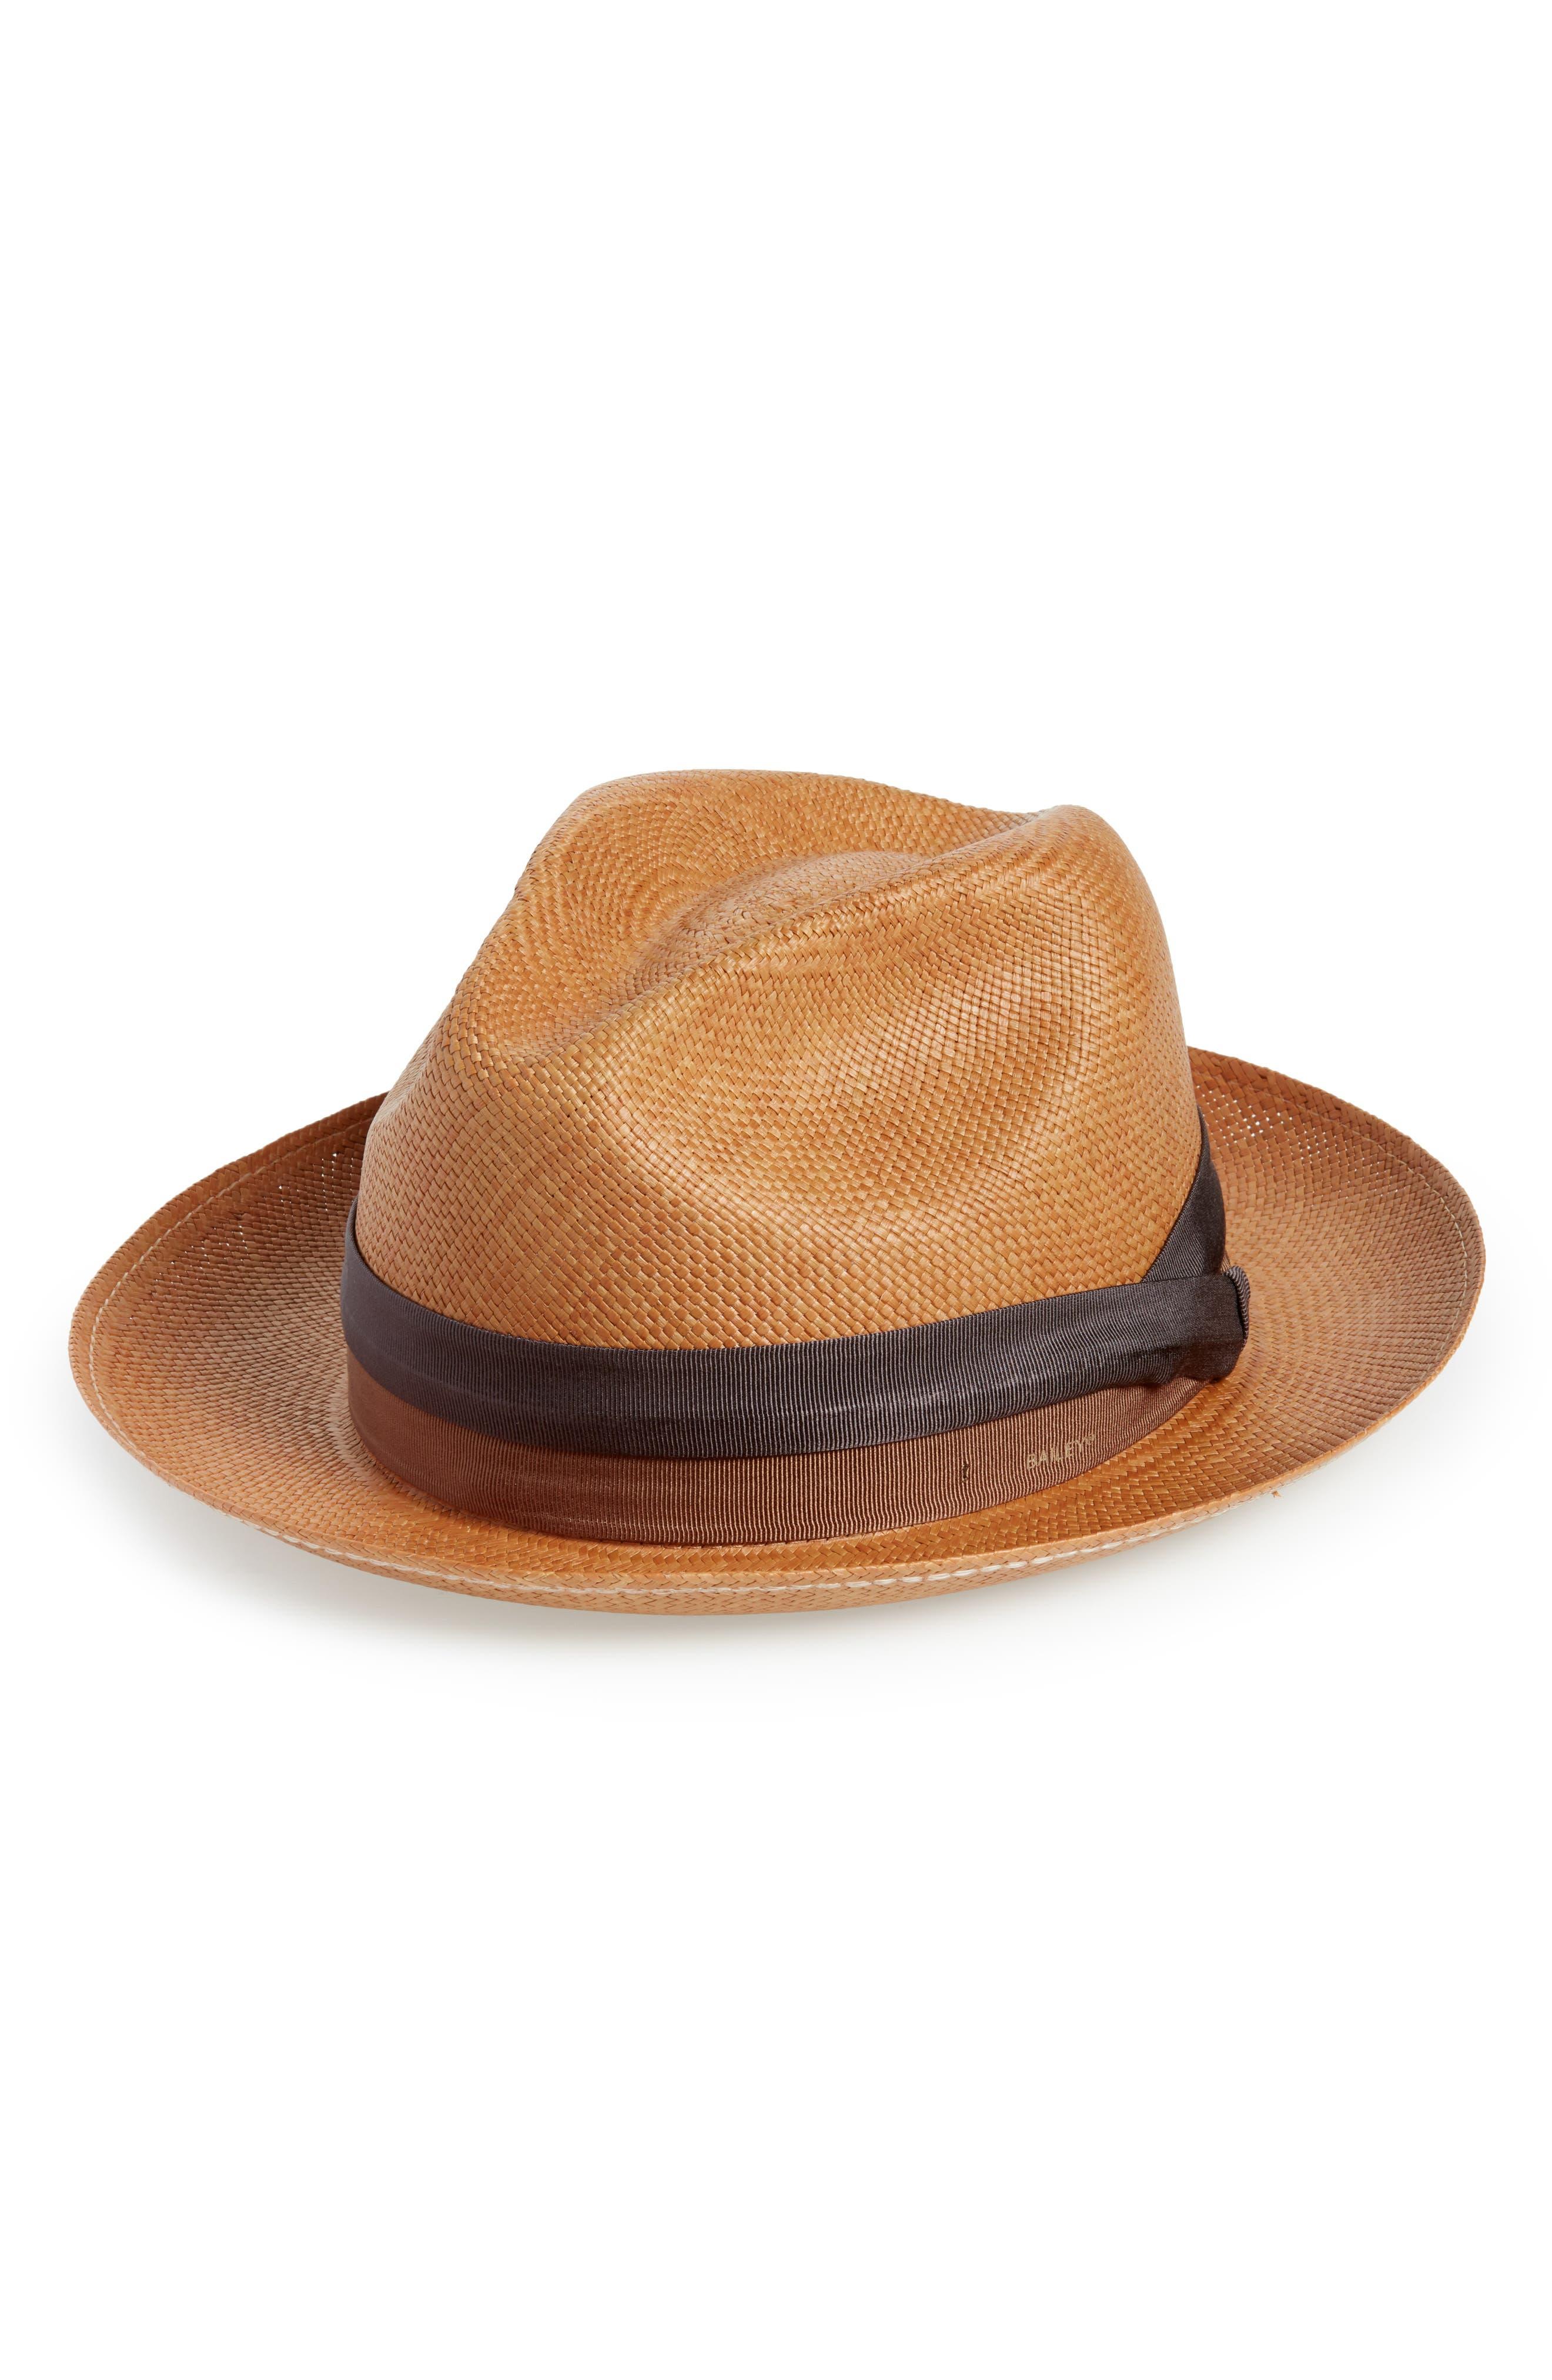 Bailey Cuban Straw Hat